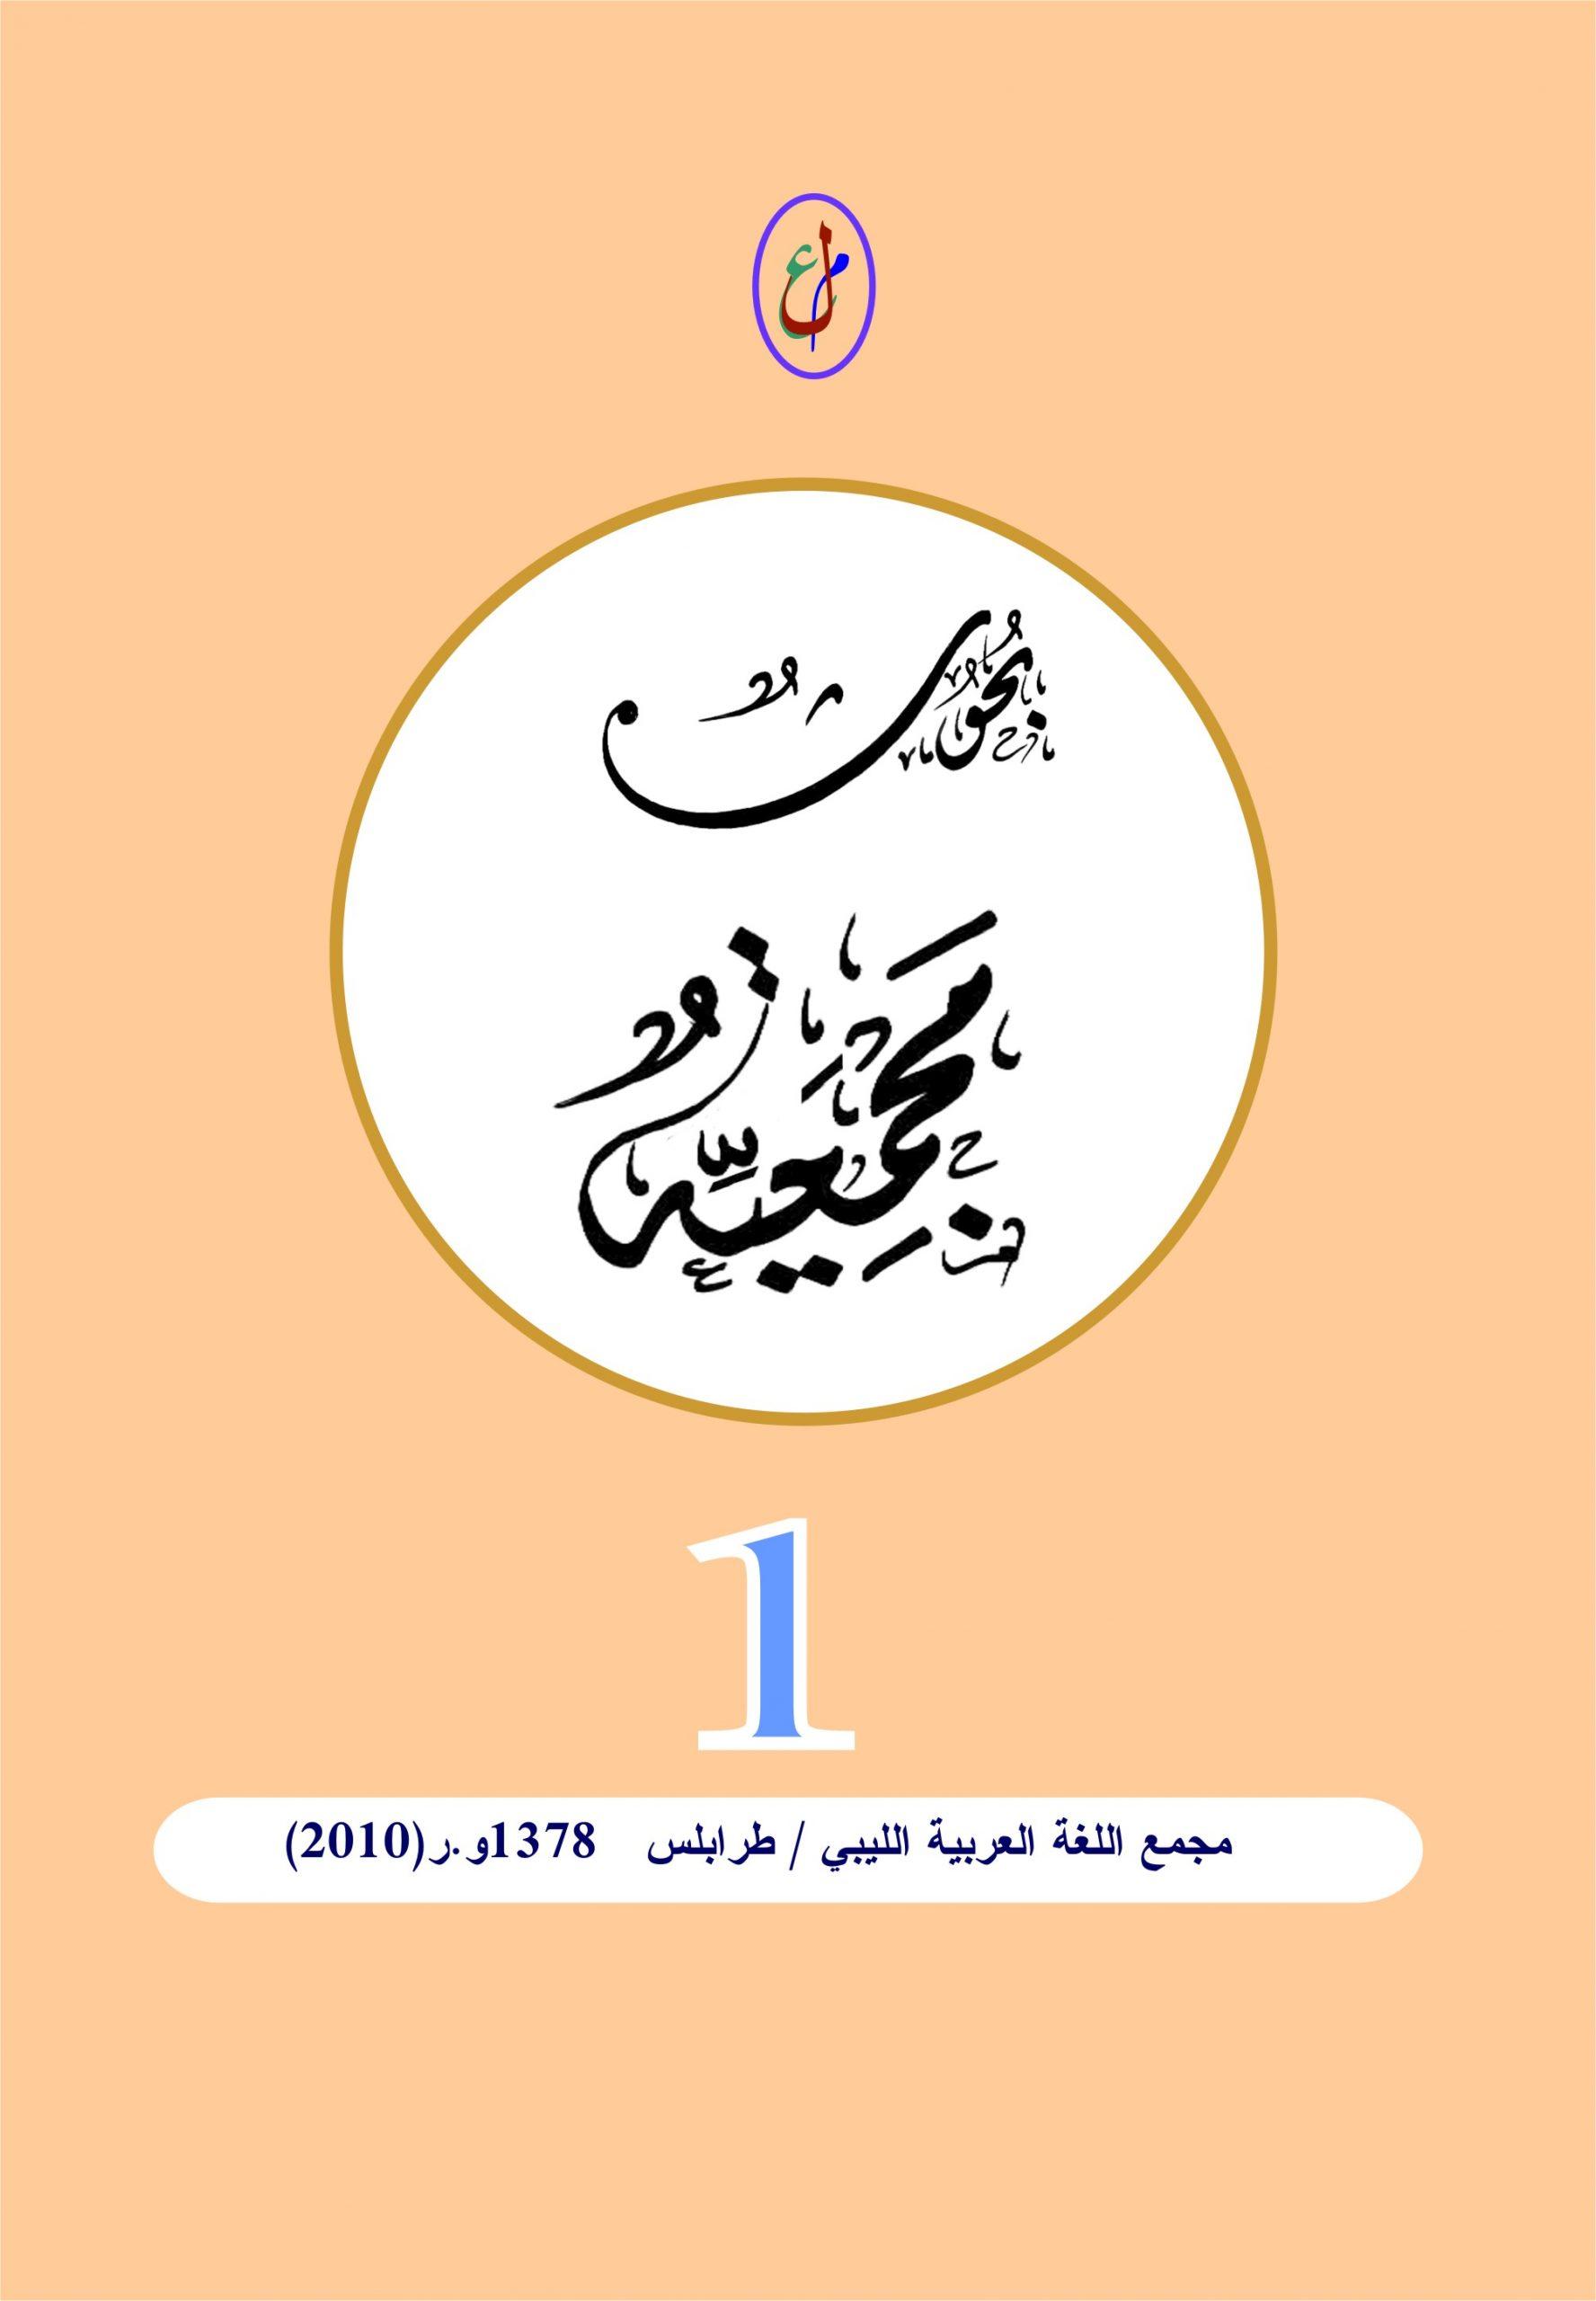 مجمع اللغة العربية الليبي / طرابلس - 1378و.ر  (2010)